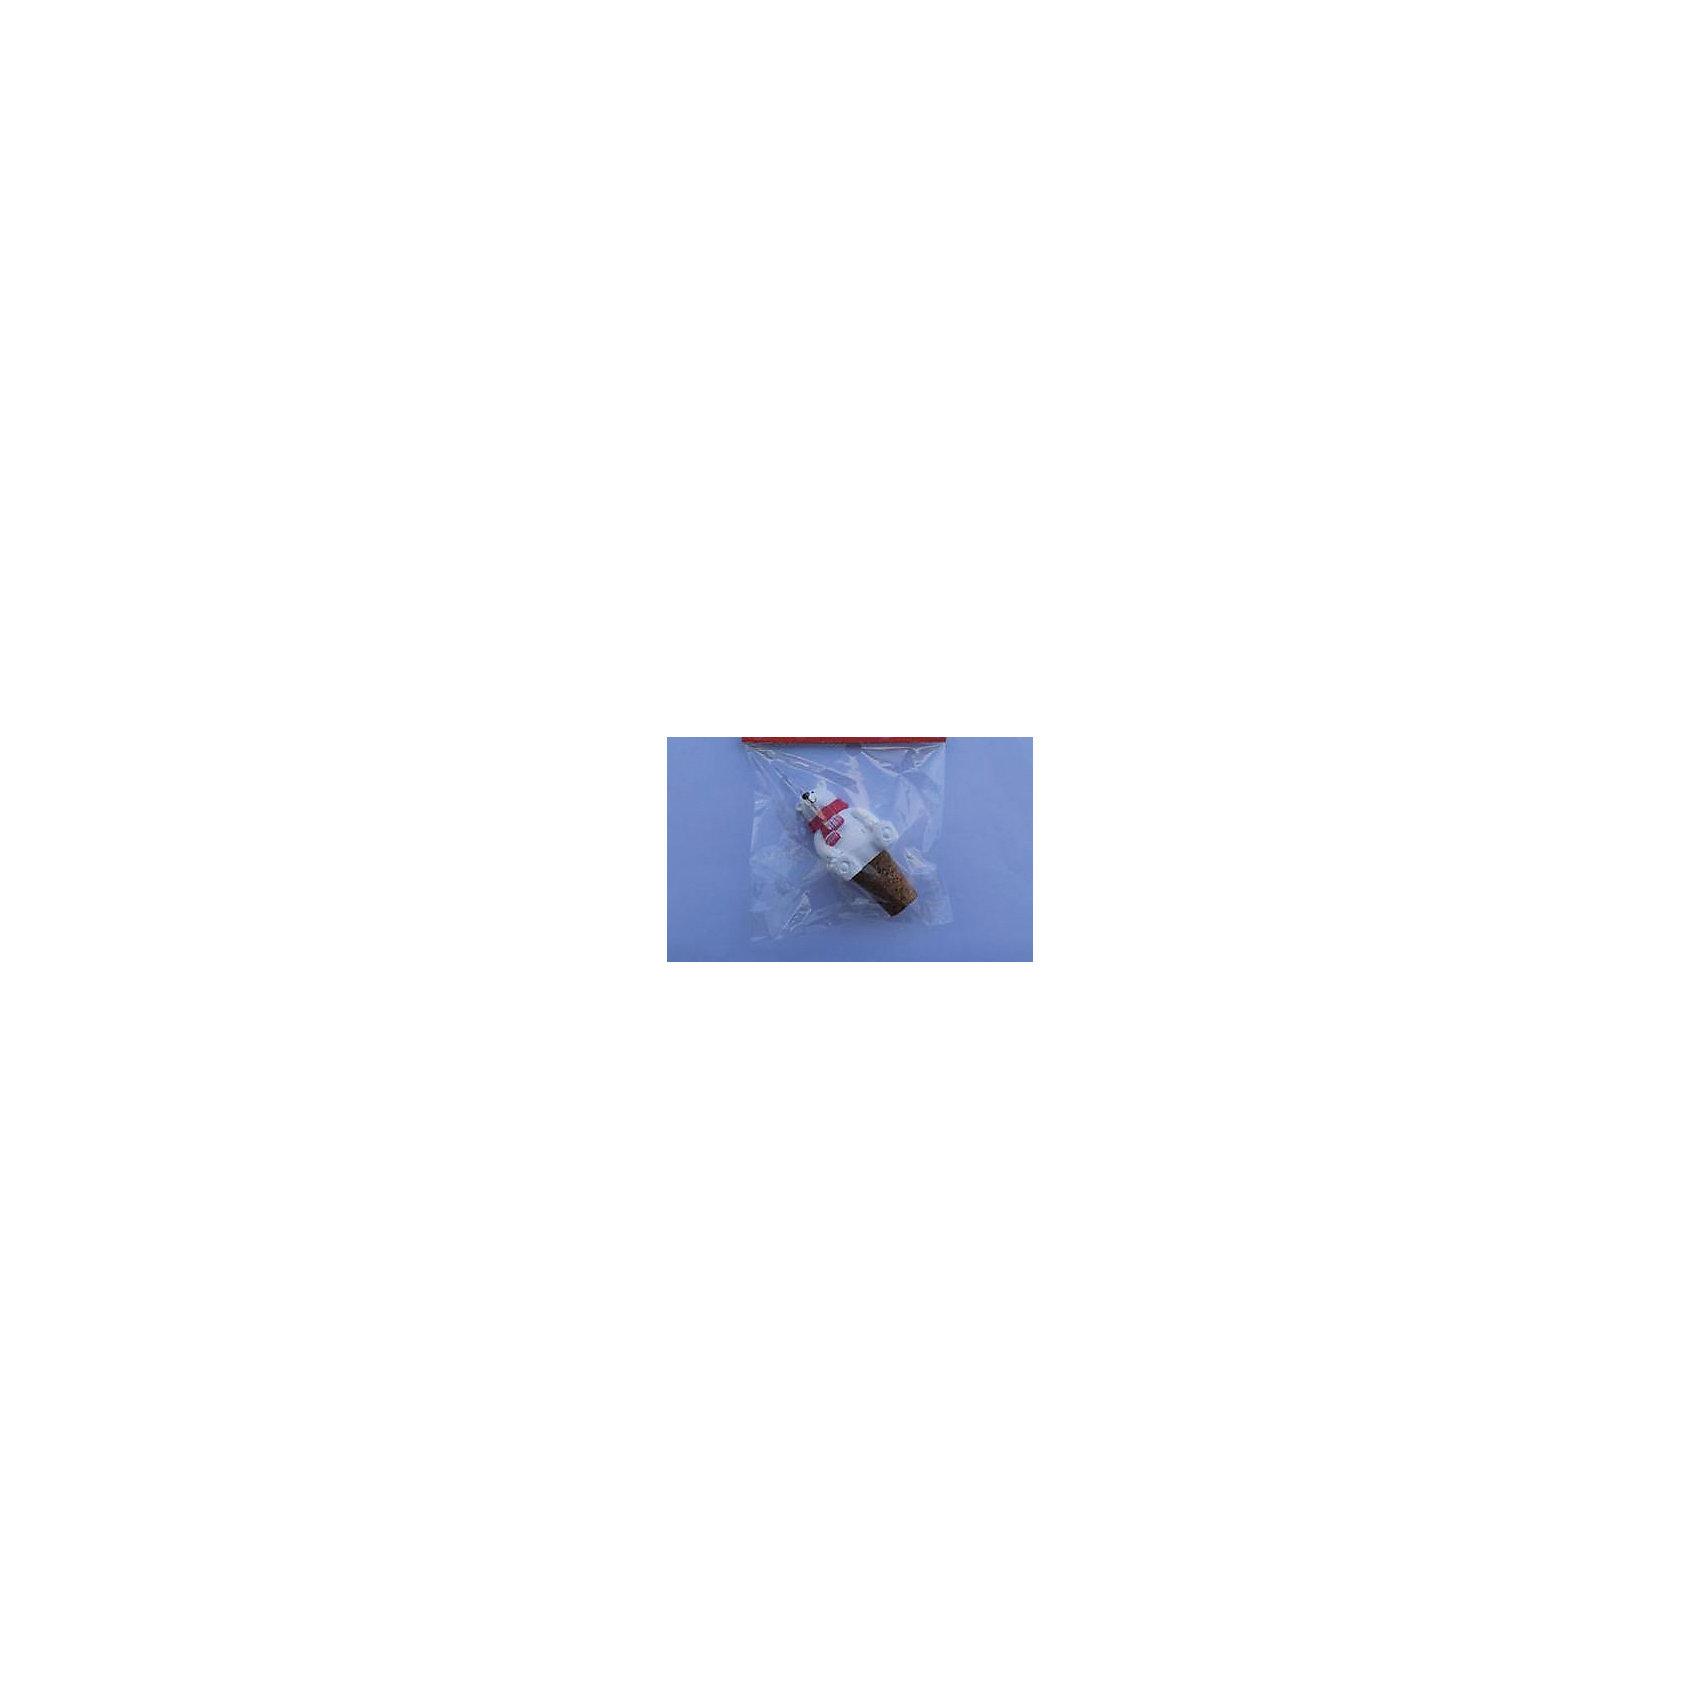 Пробка новогодняя  Мишка в шарфике (13*9.5*3см)Всё для праздника<br>Пробка новогодняя  МИШКА В ШАРФИКЕ арт.41836/24 (13*9.5*3см, из агломерированной древесины пробкового дерева с декором, из полирезины) арт.41836<br><br>Ширина мм: 130<br>Глубина мм: 95<br>Высота мм: 30<br>Вес г: 42<br>Возраст от месяцев: 60<br>Возраст до месяцев: 600<br>Пол: Унисекс<br>Возраст: Детский<br>SKU: 5144616